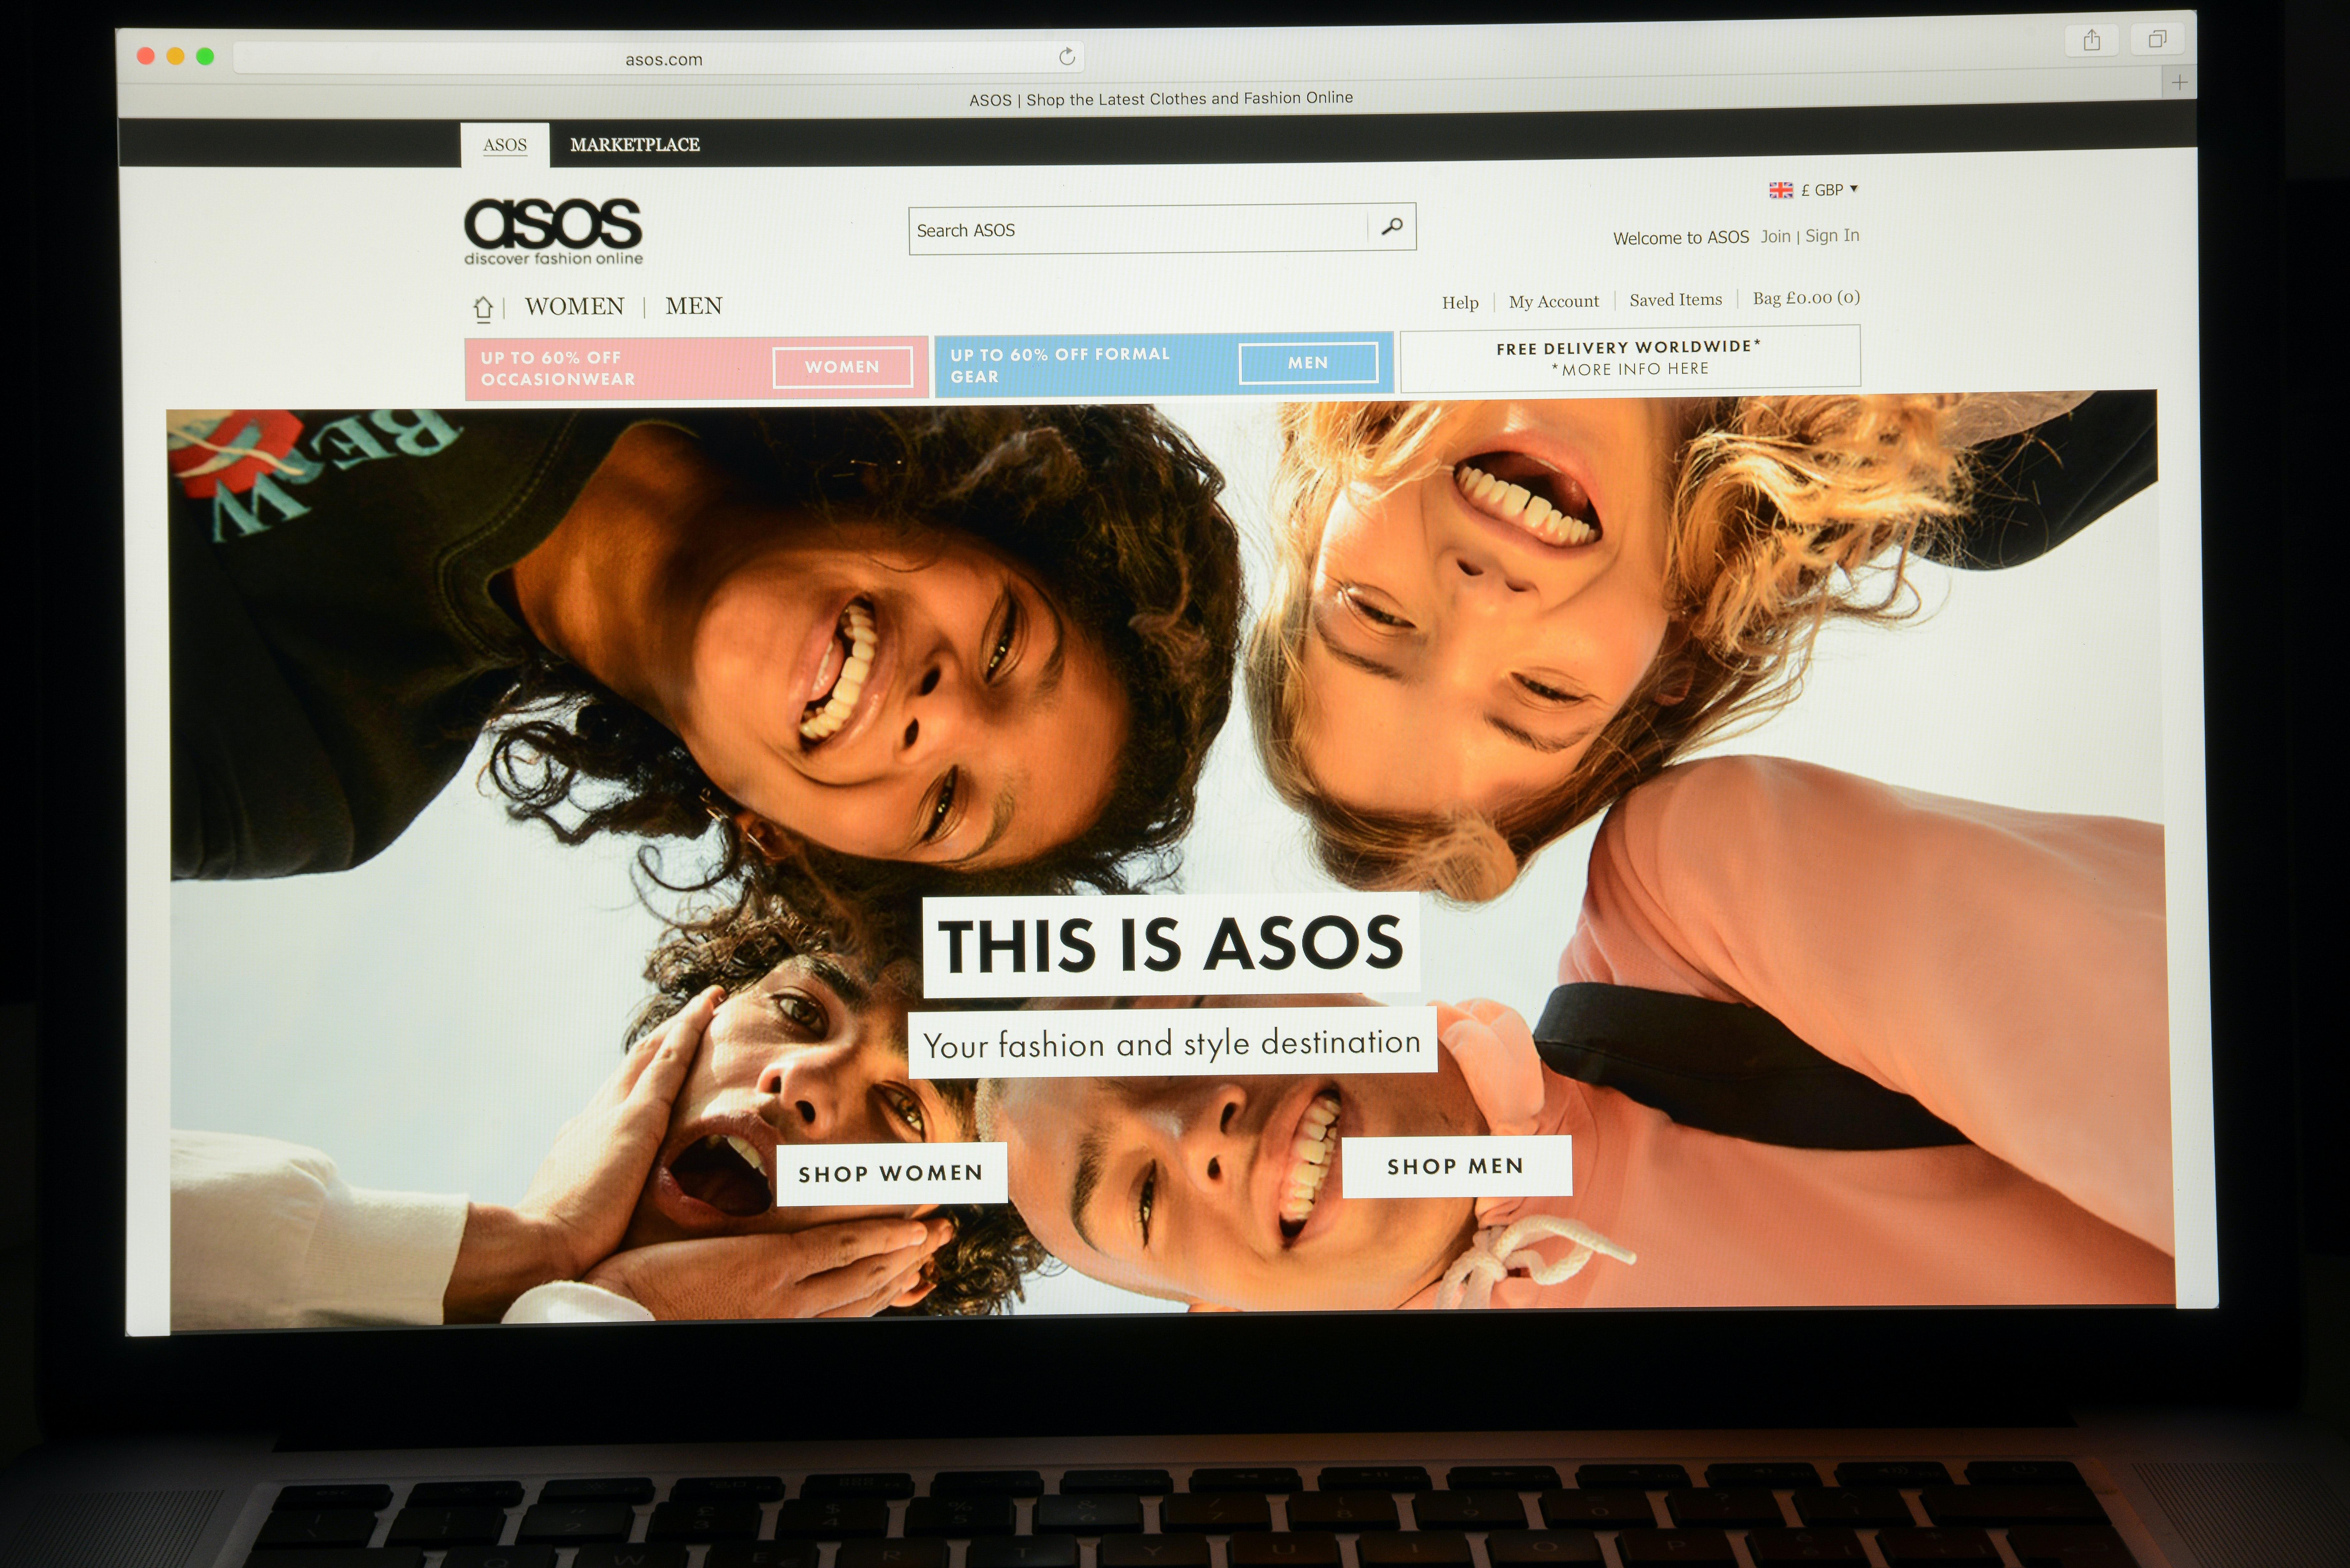 ASOS website   Source: Shutterstock